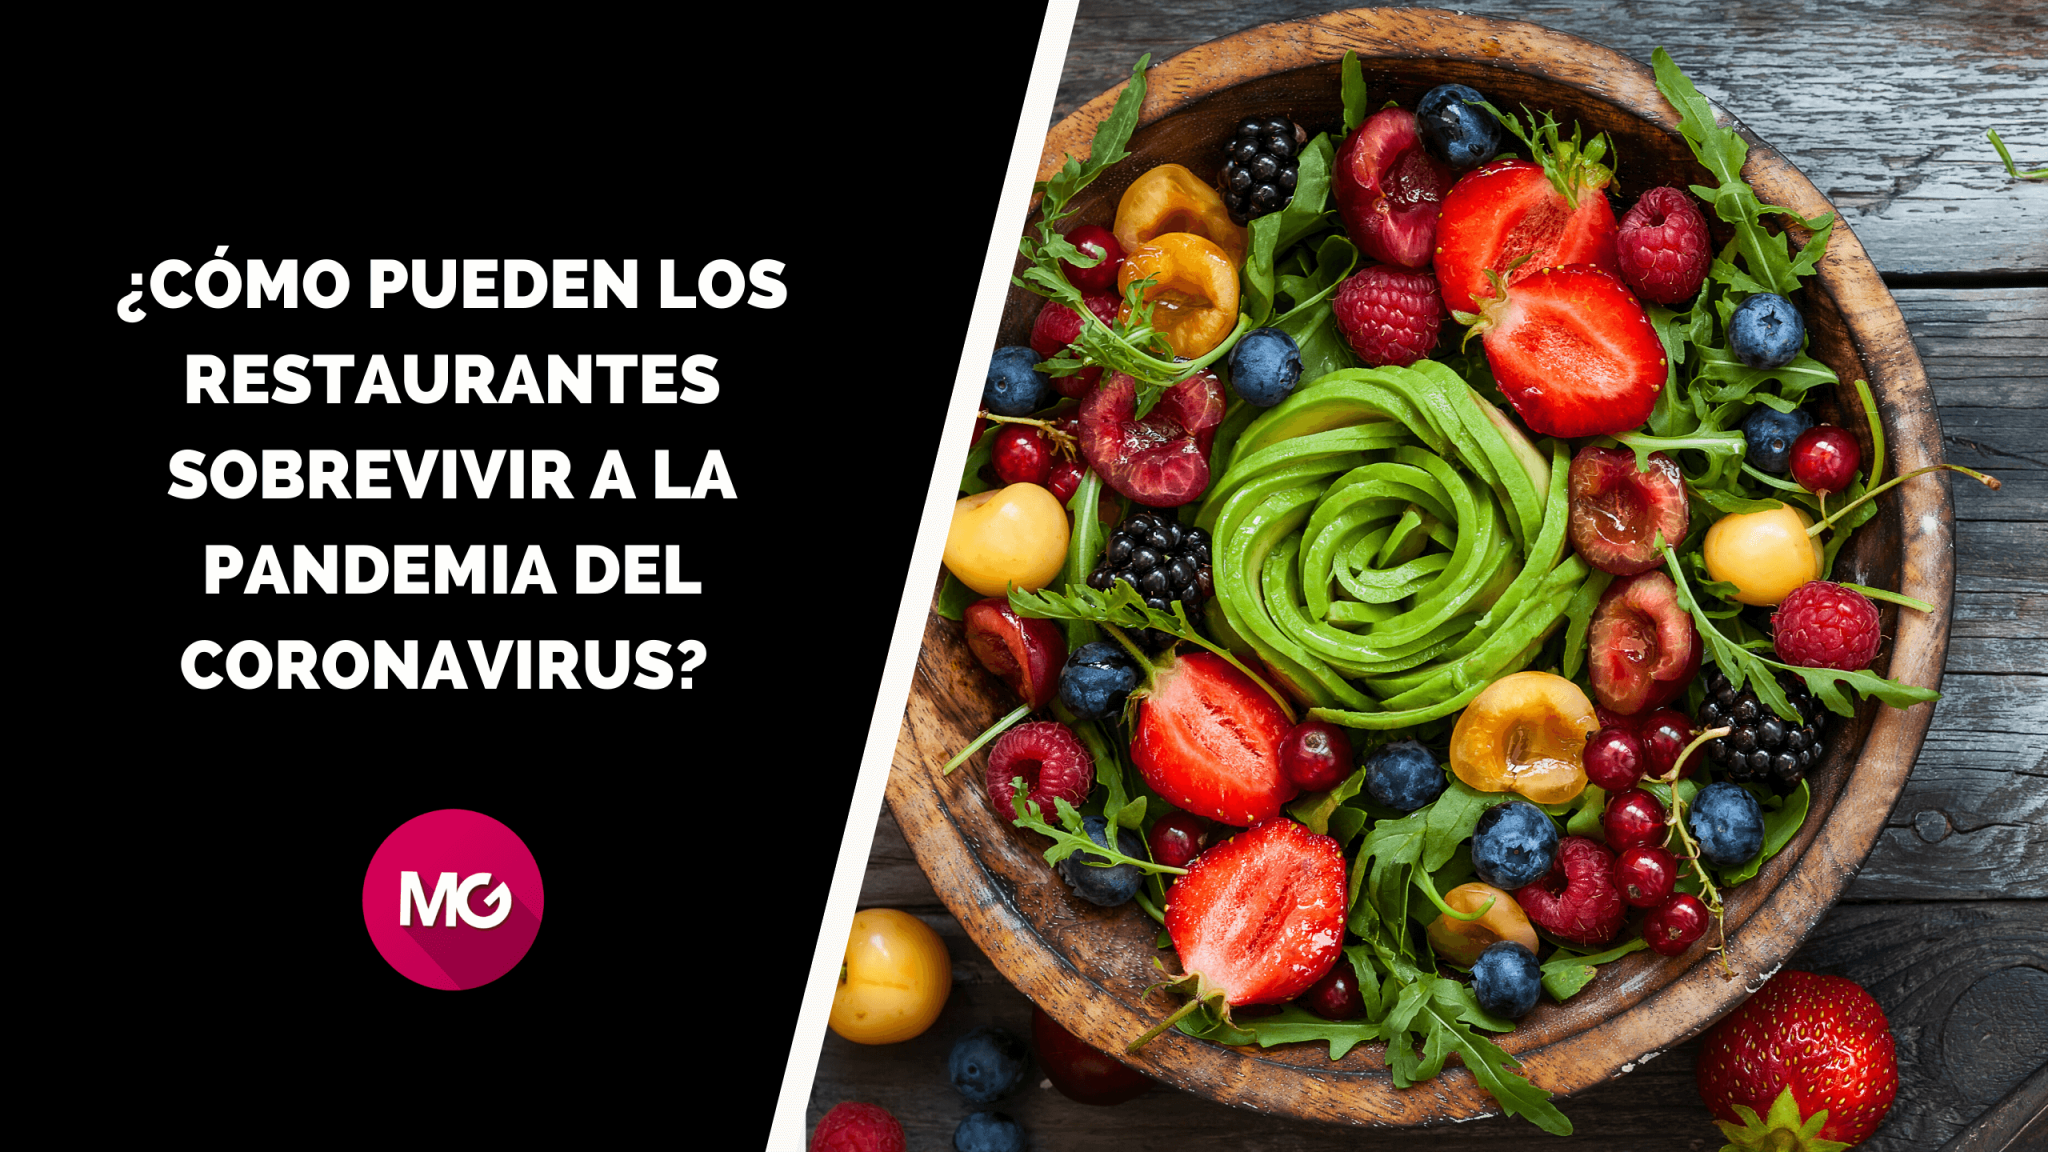 ¿Cómo pueden los restaurantes sobrevivir a la pandemia del coronavirus